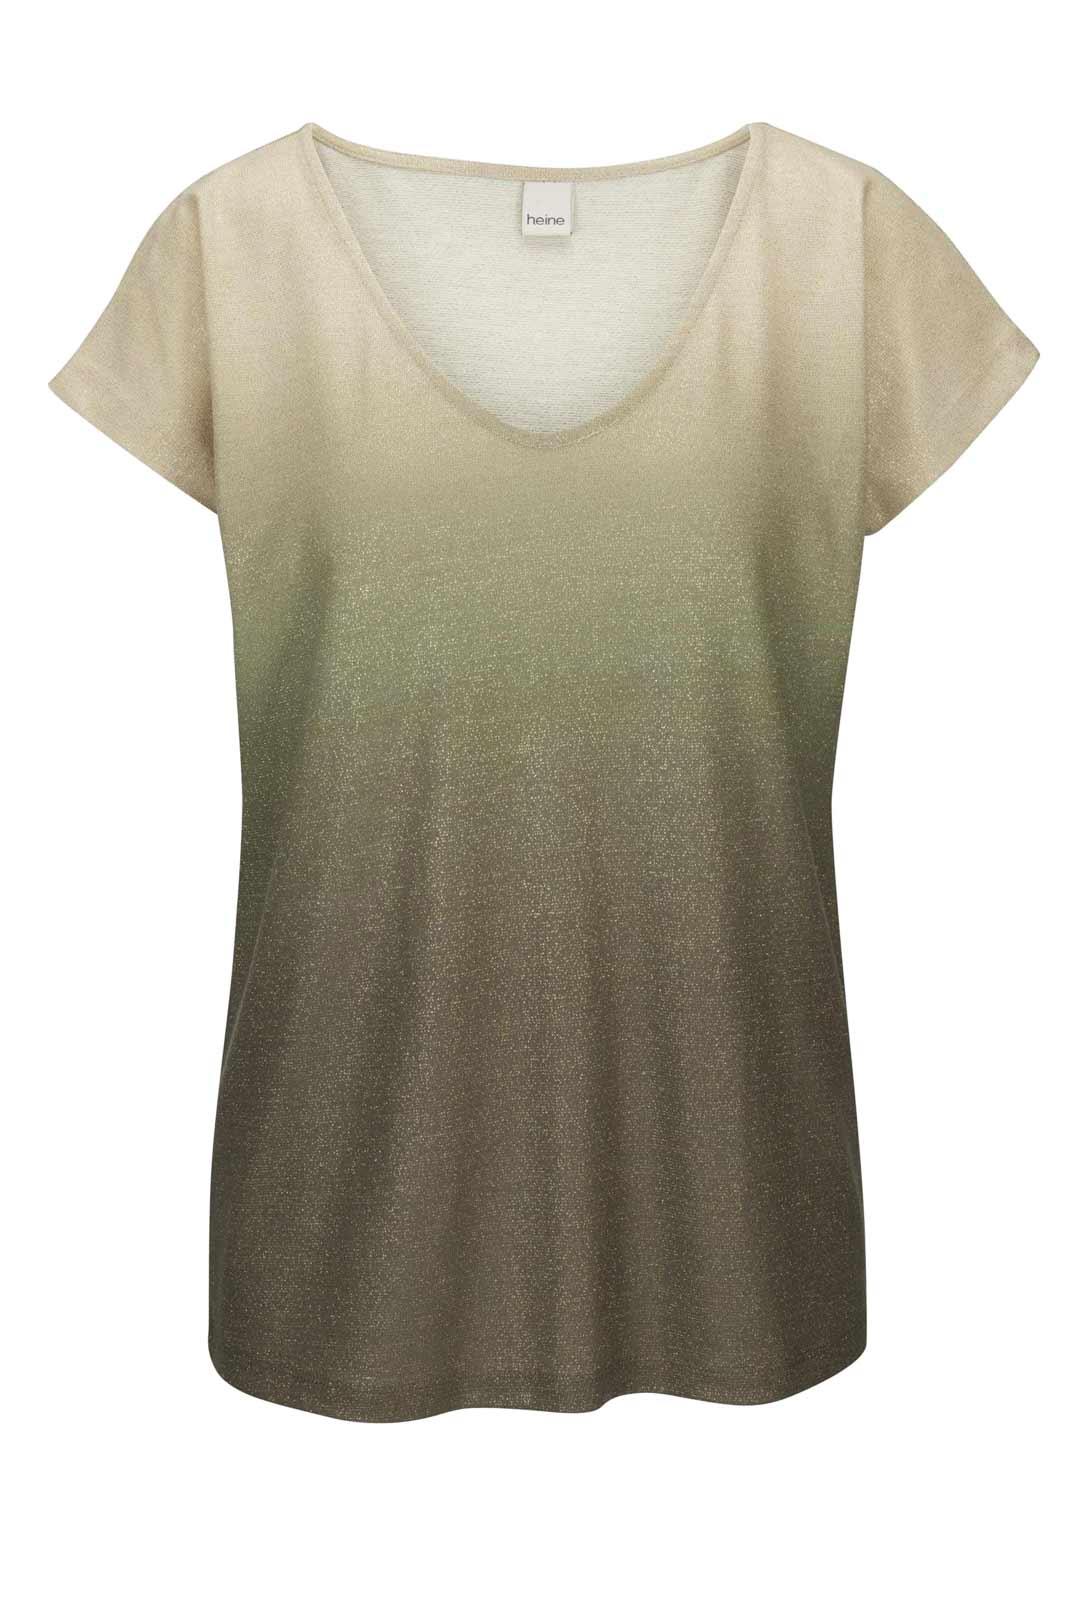 607.317 HEINE Damen Designer-Shirt Beige-Khaki